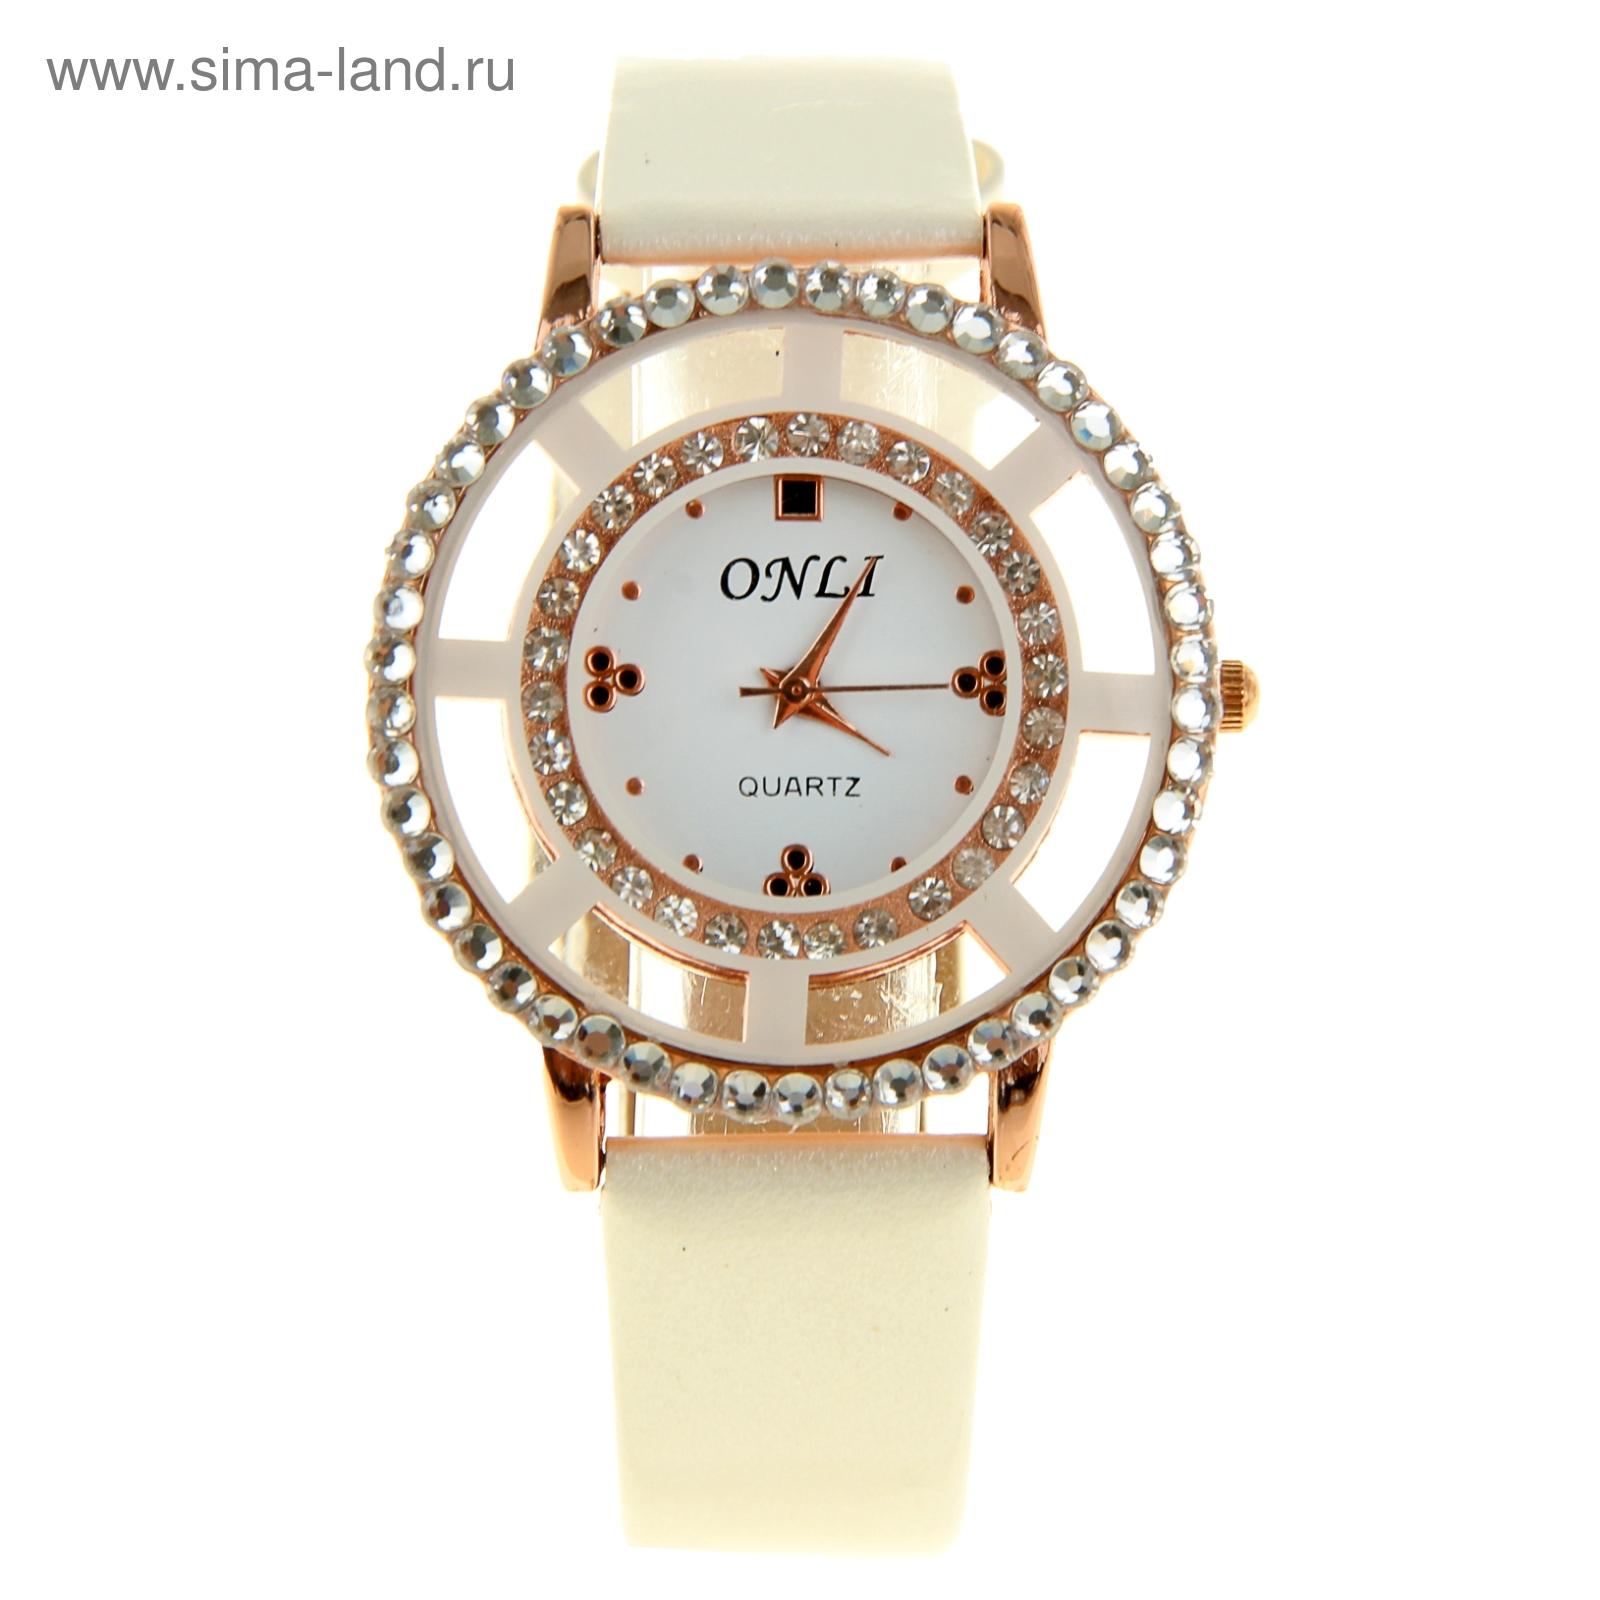 a98caf1d Часы наручные женские, резной циферблат со стразами, белый ремешок ...